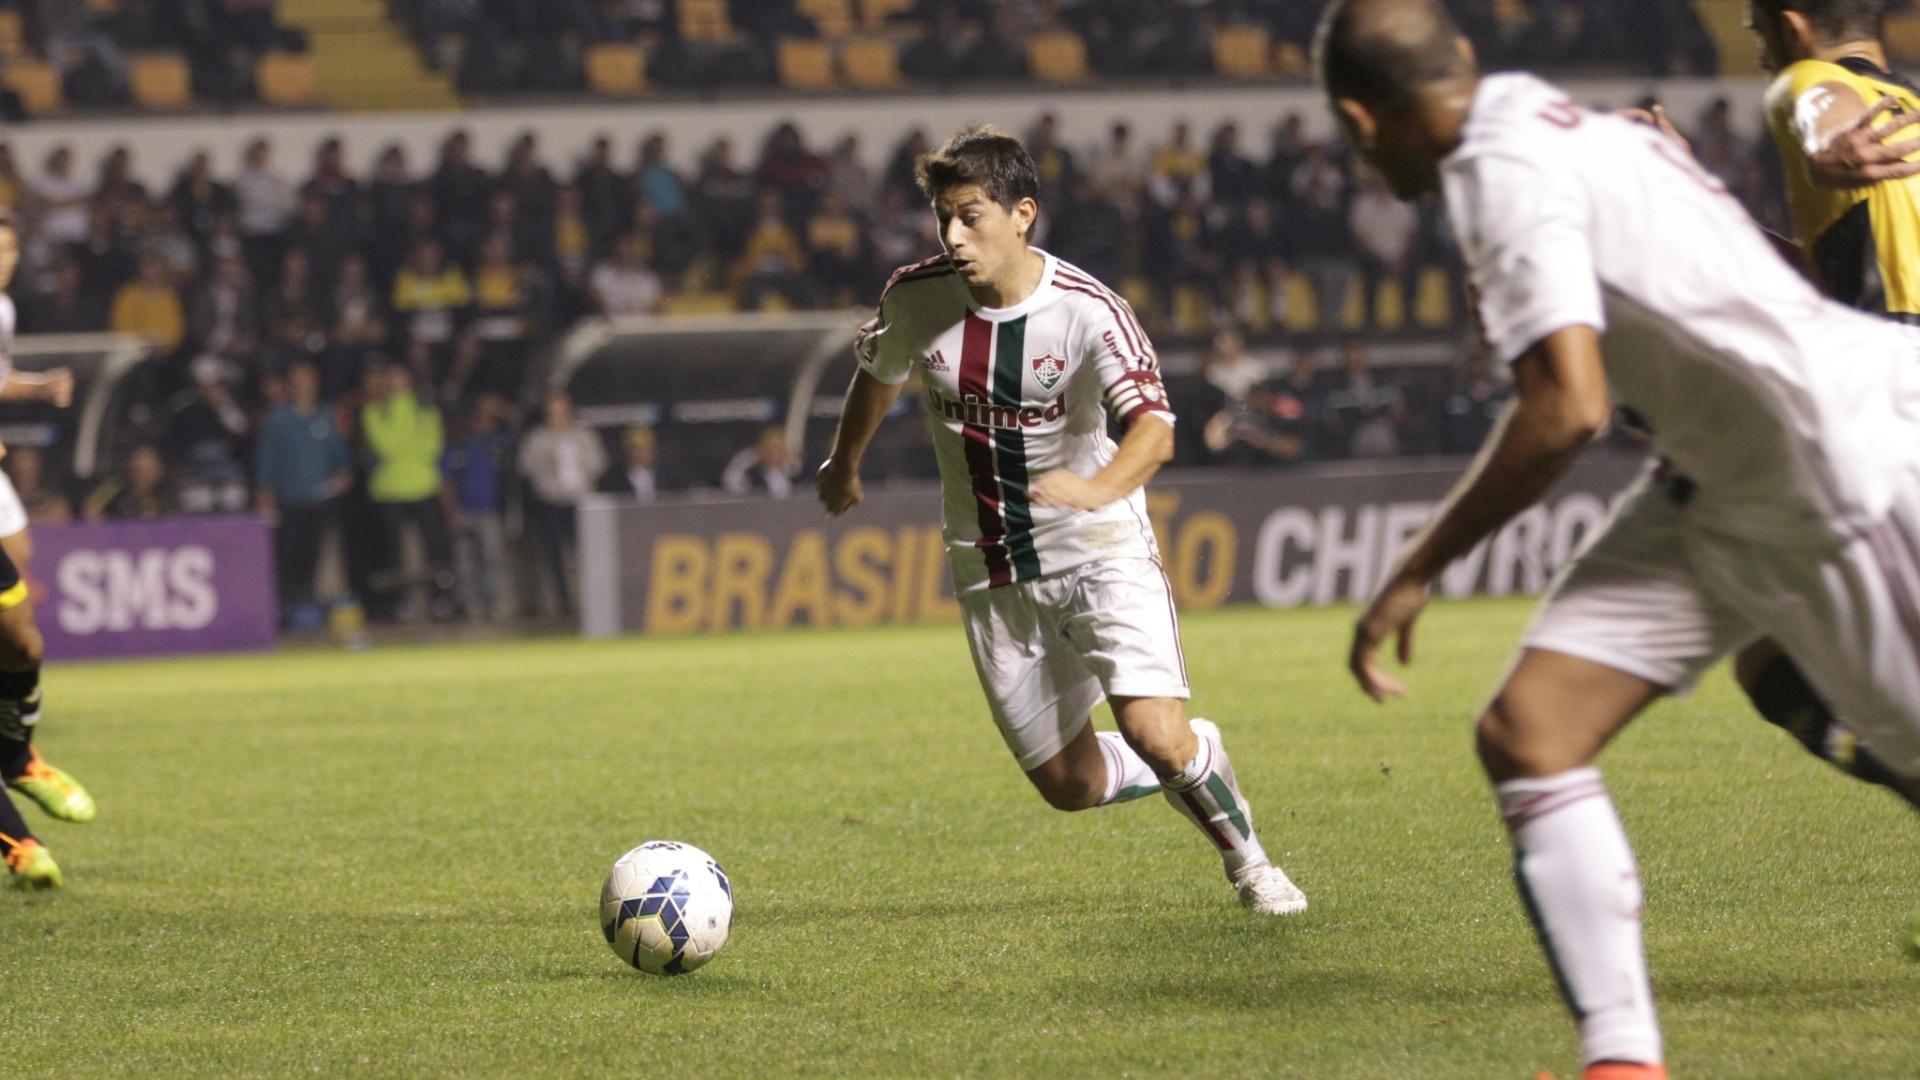 Conca arma jogada para o Fluminense em duelo com o Criciúma